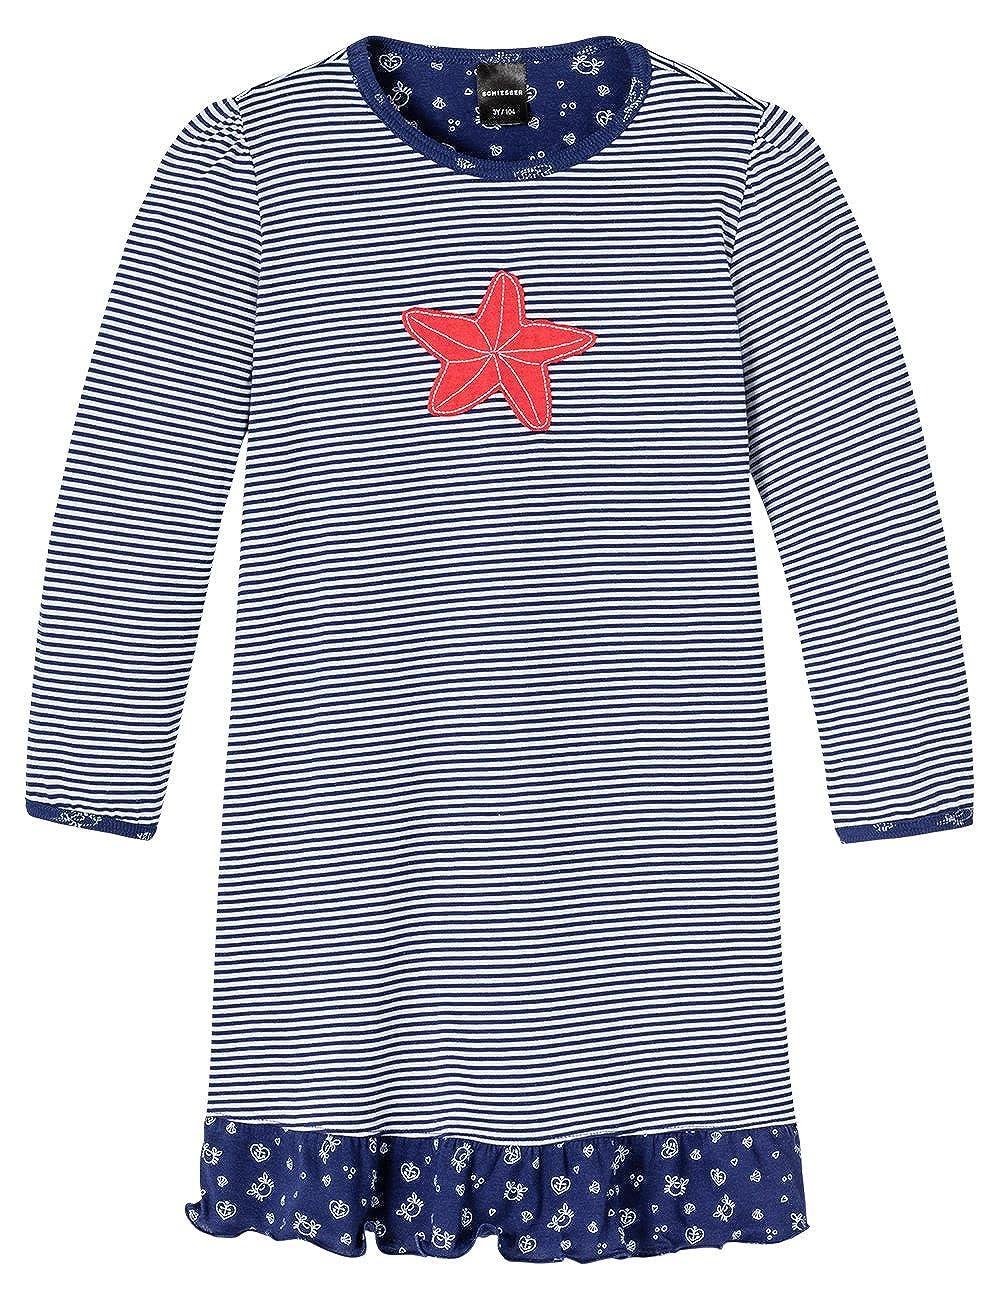 Schiesser Nachthemd 1/1, Camicia da notte da bambine e ragazze Schiesser - Nachthemd 1/1 blu(blau (dunkelblau 803)) taglia produttore: 092 146174